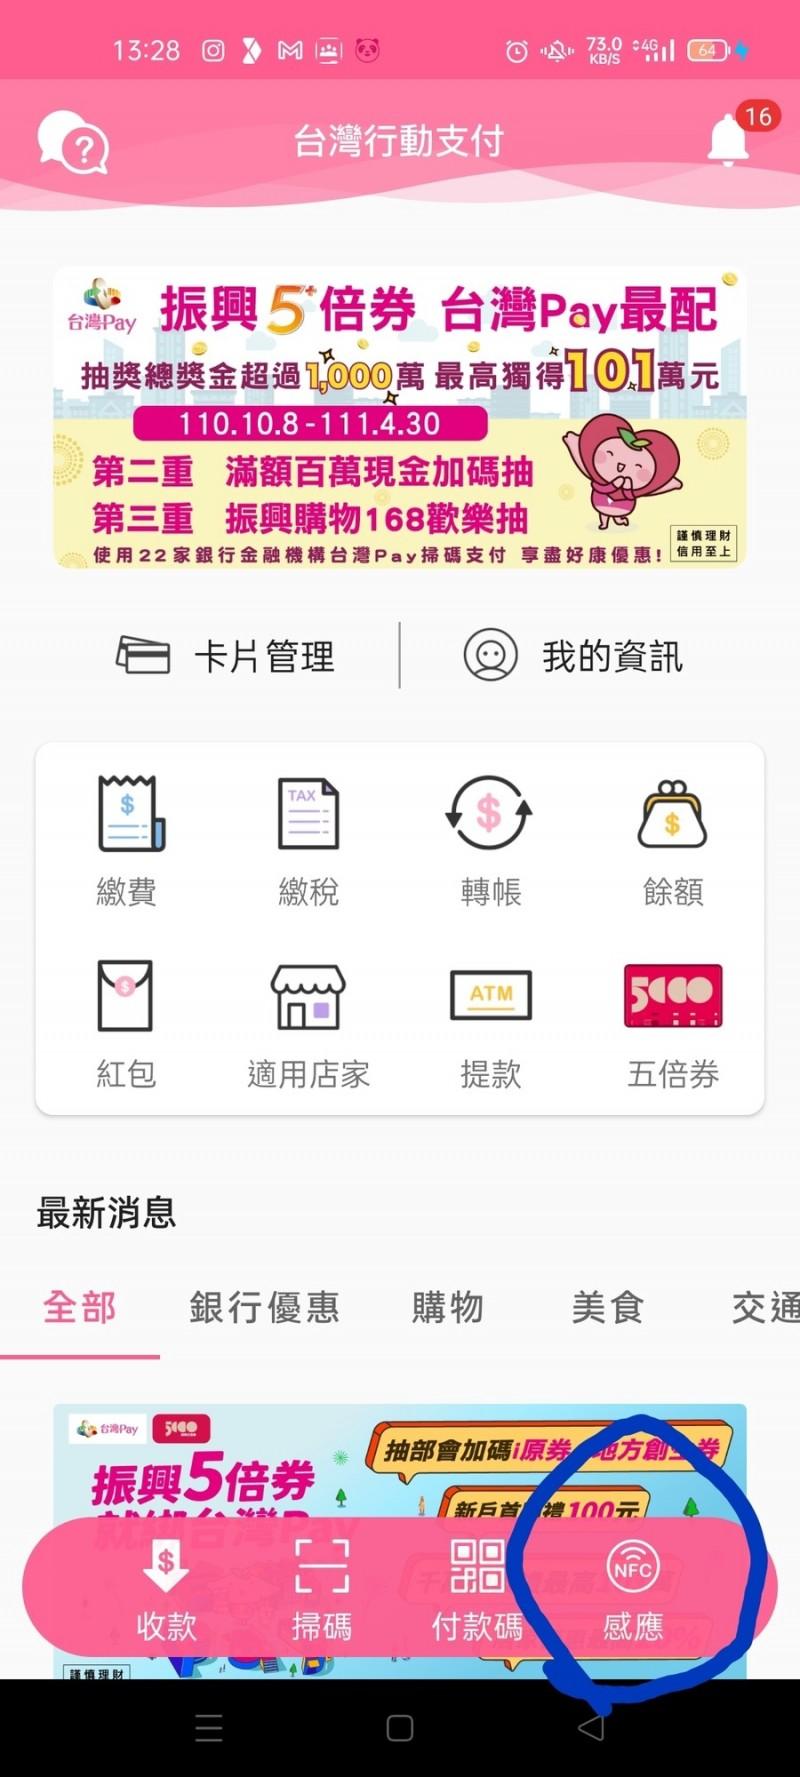 [新聞] 台灣Pay綁振興券用戶注意!這種支付方式